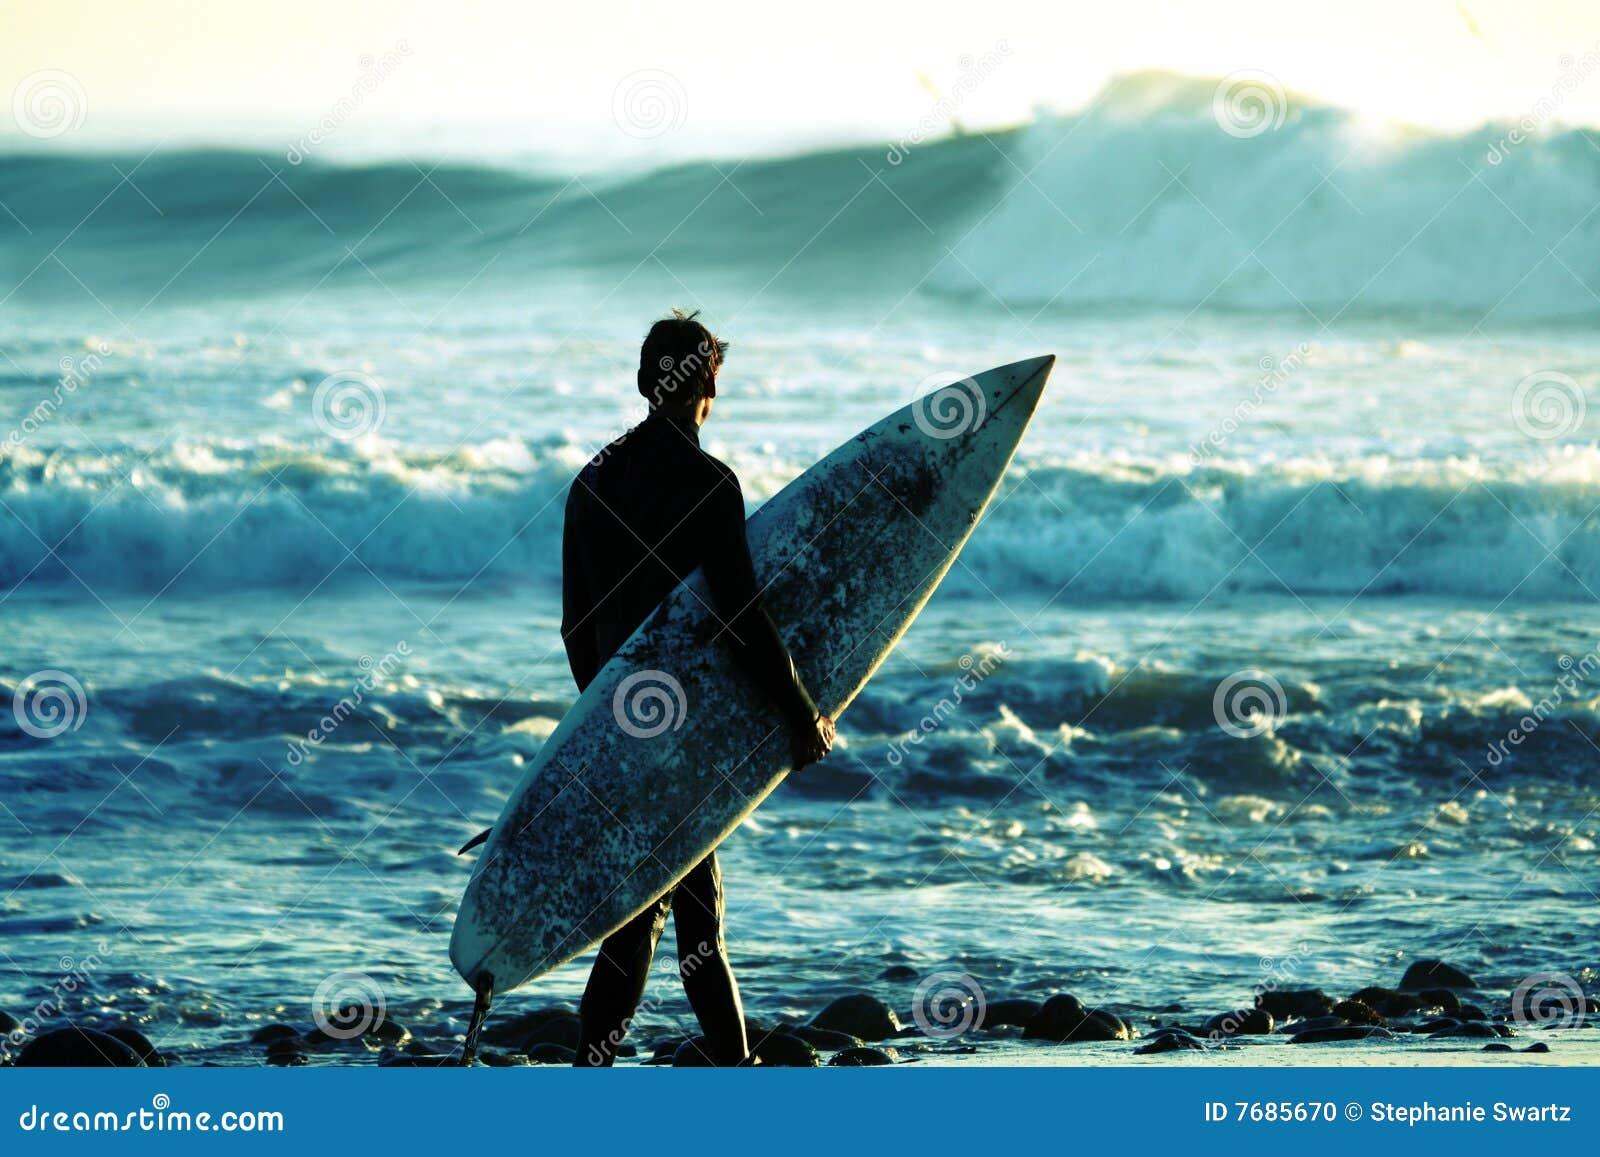 Półmroku surfingowiec